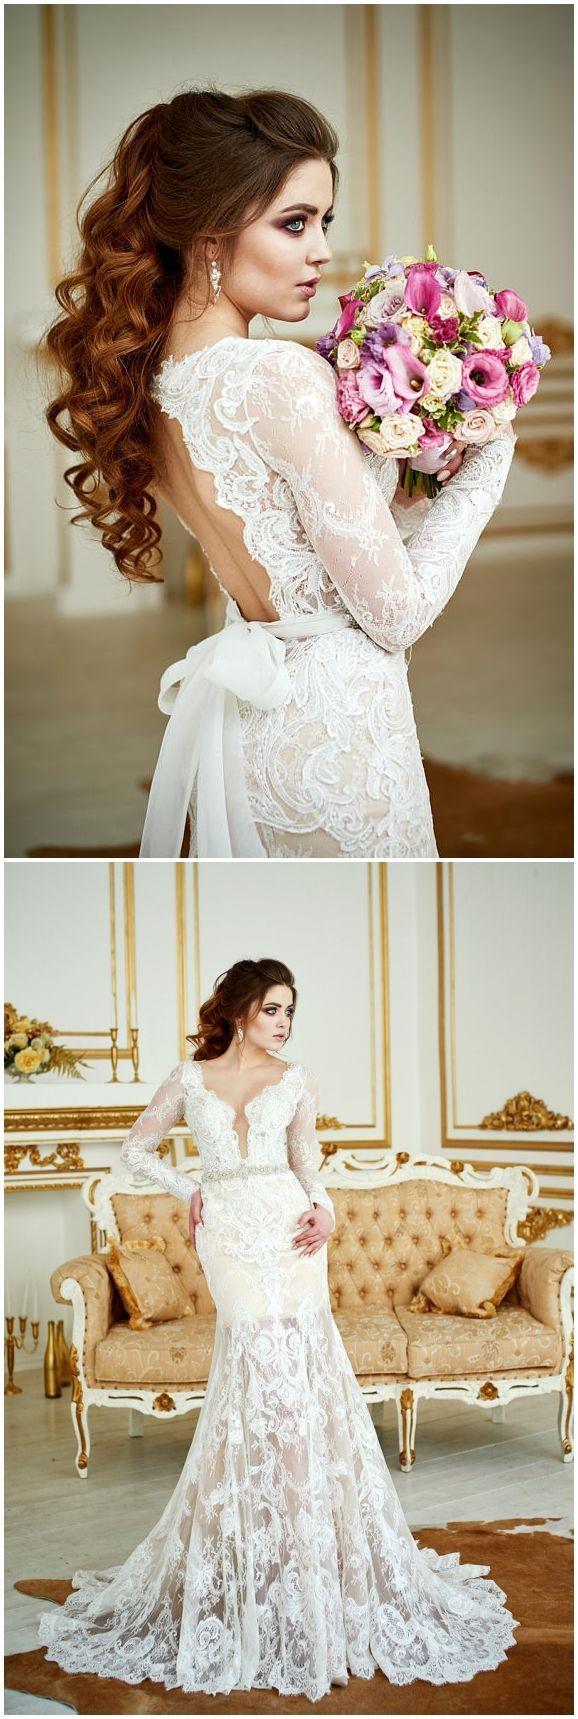 Wedding Dress Renaissance , Lace Wedding Dress, Bohemian Wedding Dress, Long Sleeve Dress, Open Back Gown, Vintage Wedding Dress, 2 in 1 #weddings #weddingideas #dresses #weddingdress